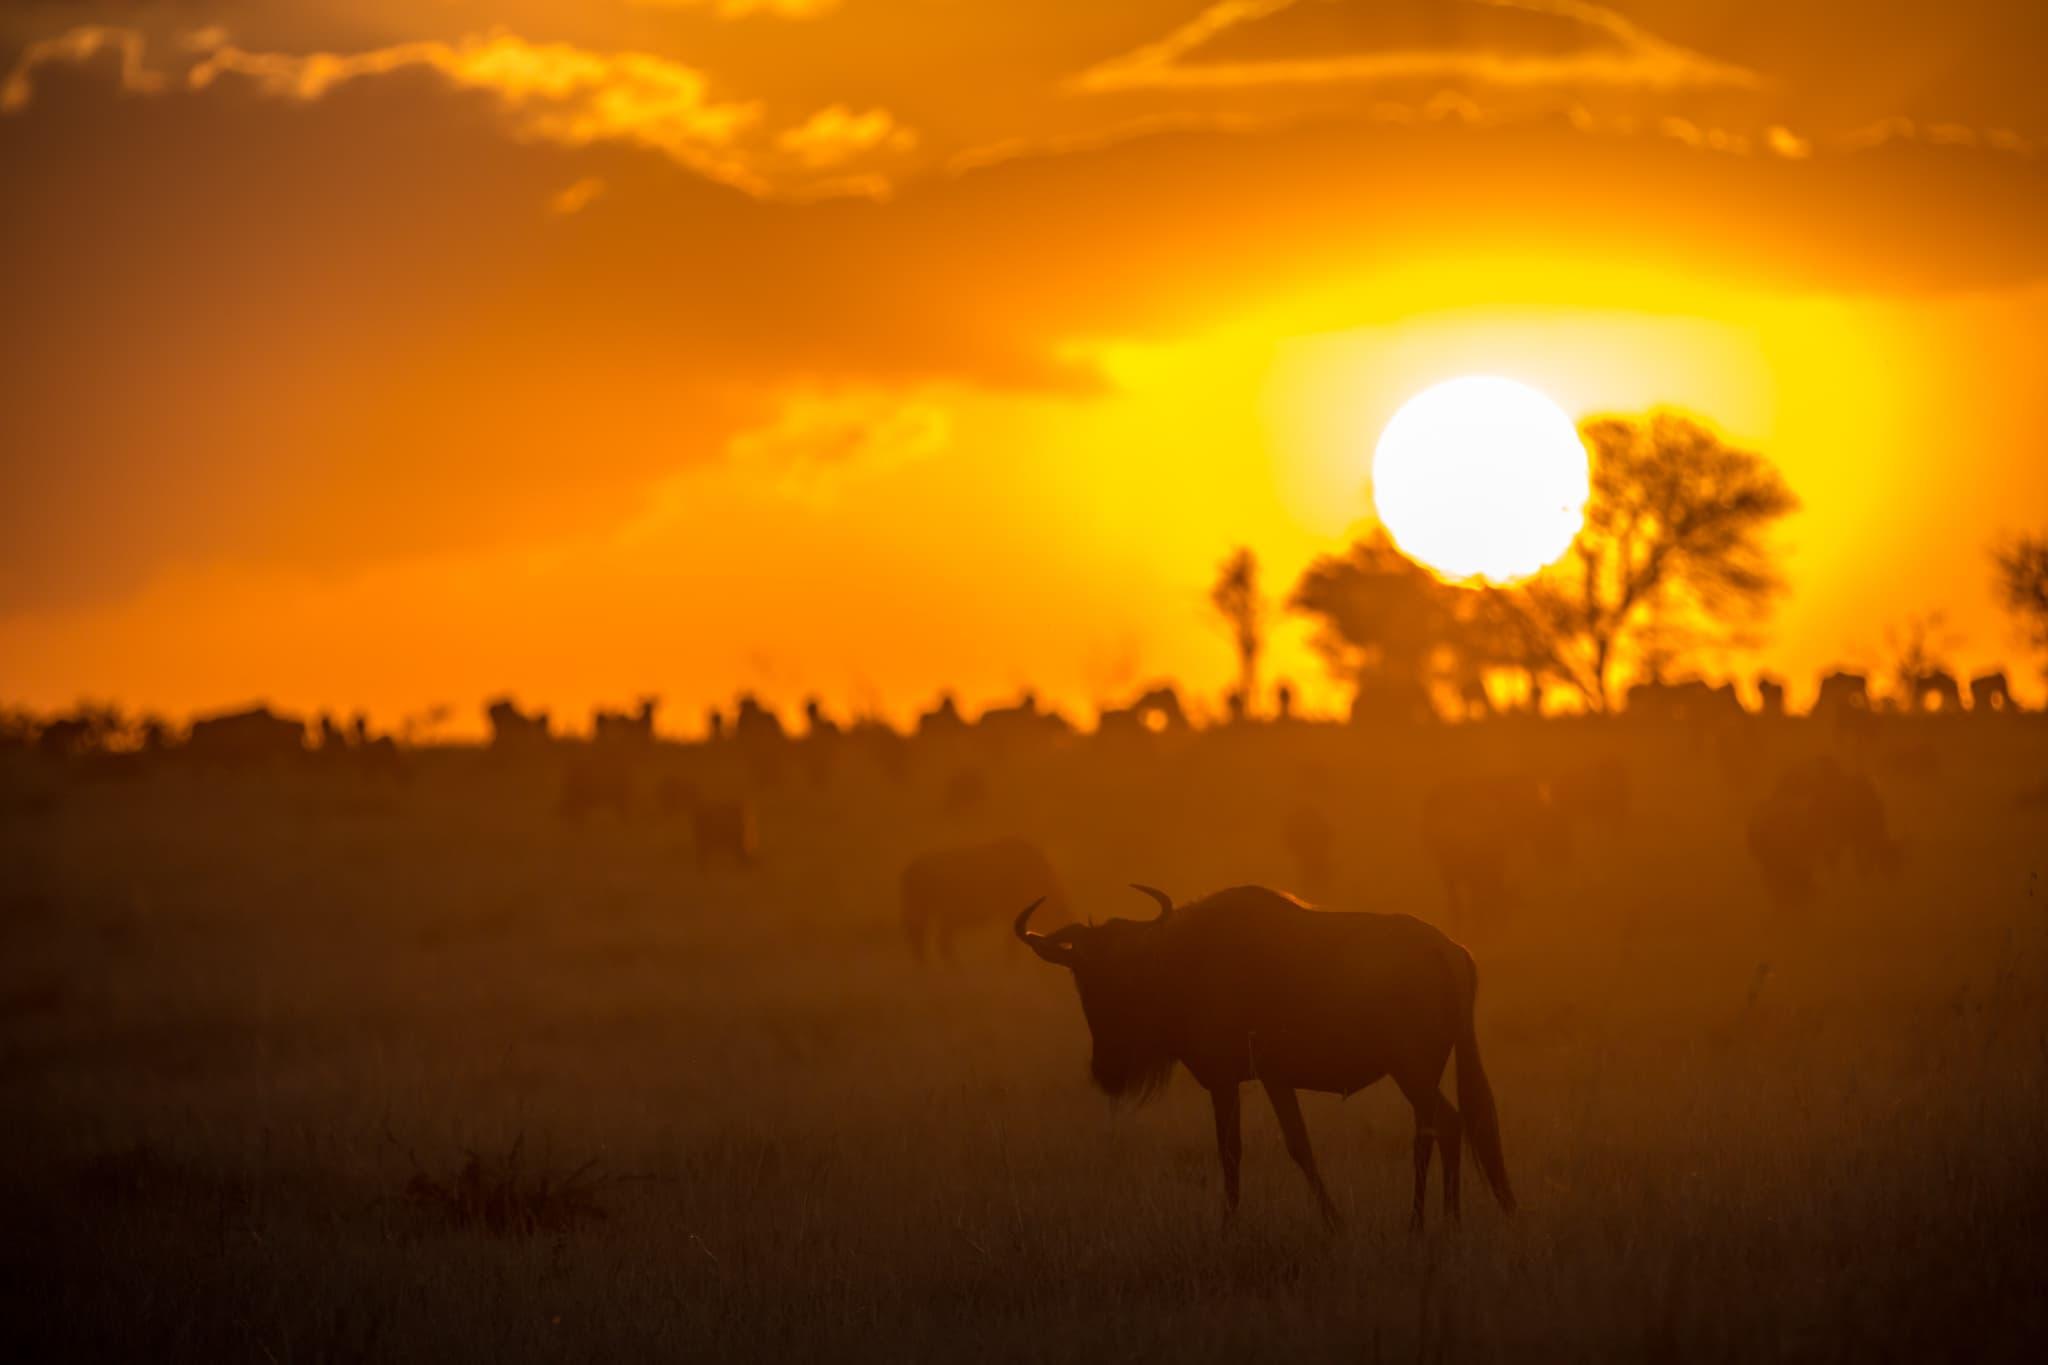 Tanzânia - Vida Selvagem